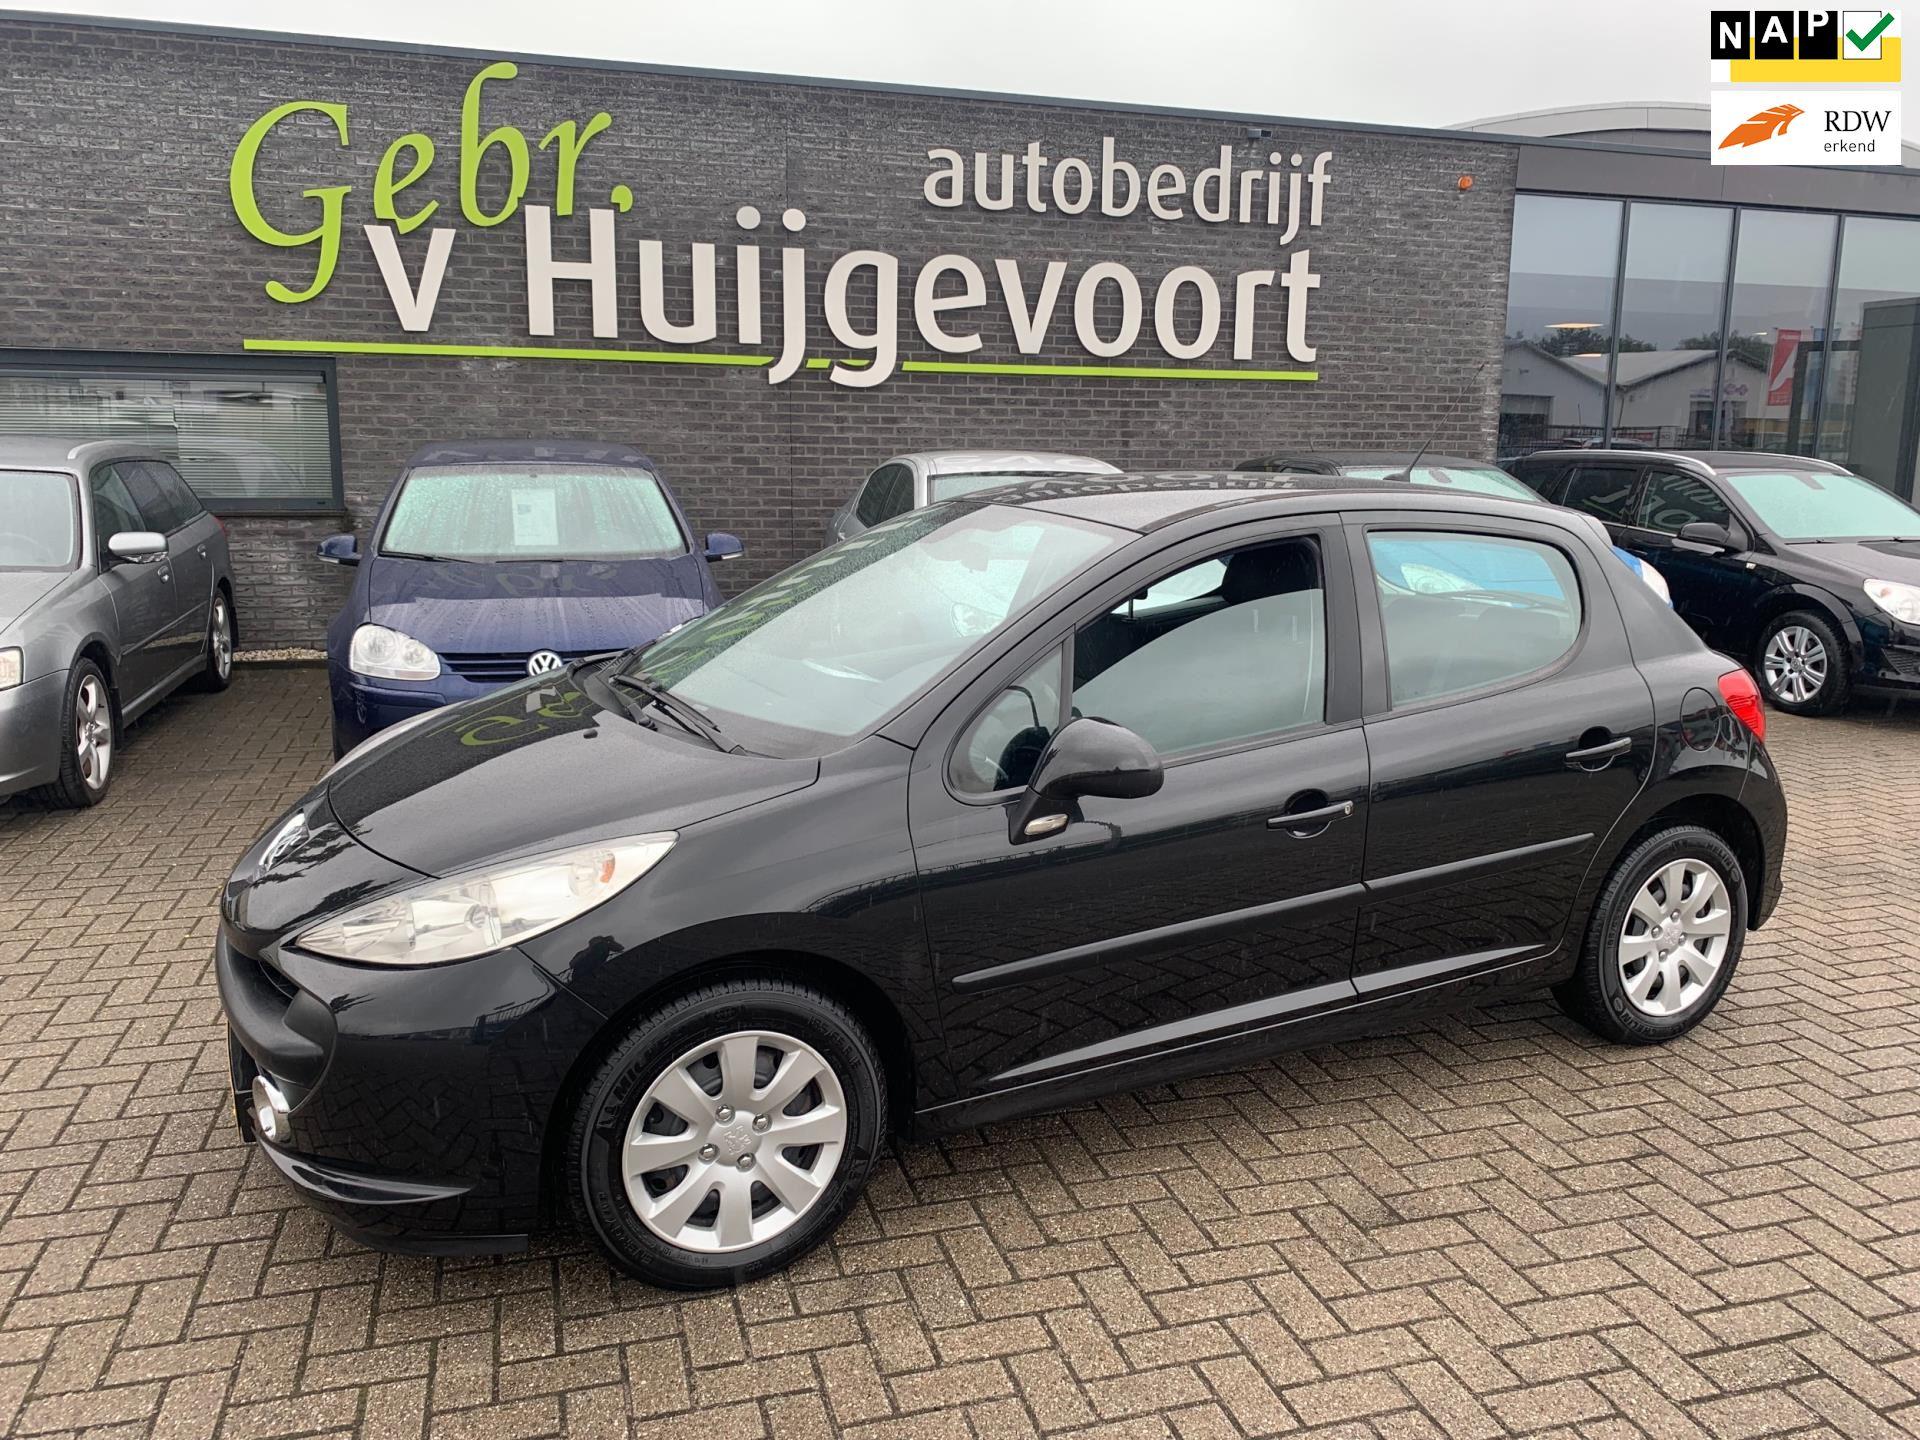 Peugeot 207 occasion - Autobedrijf van Huijgevoort